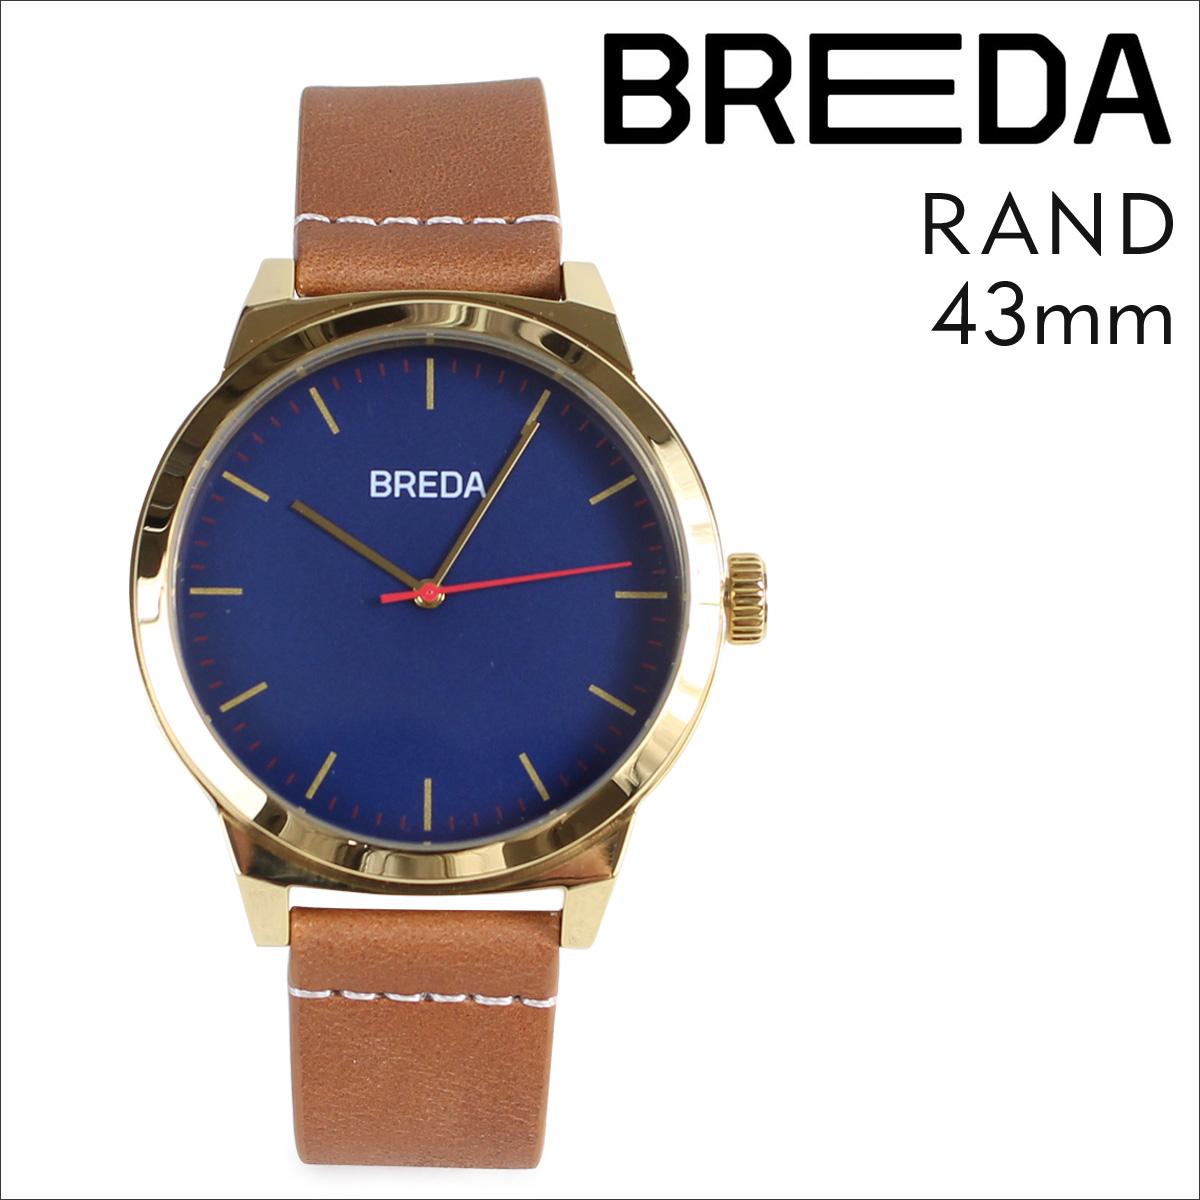 ブレダ BREDA 腕時計 43mm メンズ 時計 ランド RAND 8184C ゴールド ブラウン